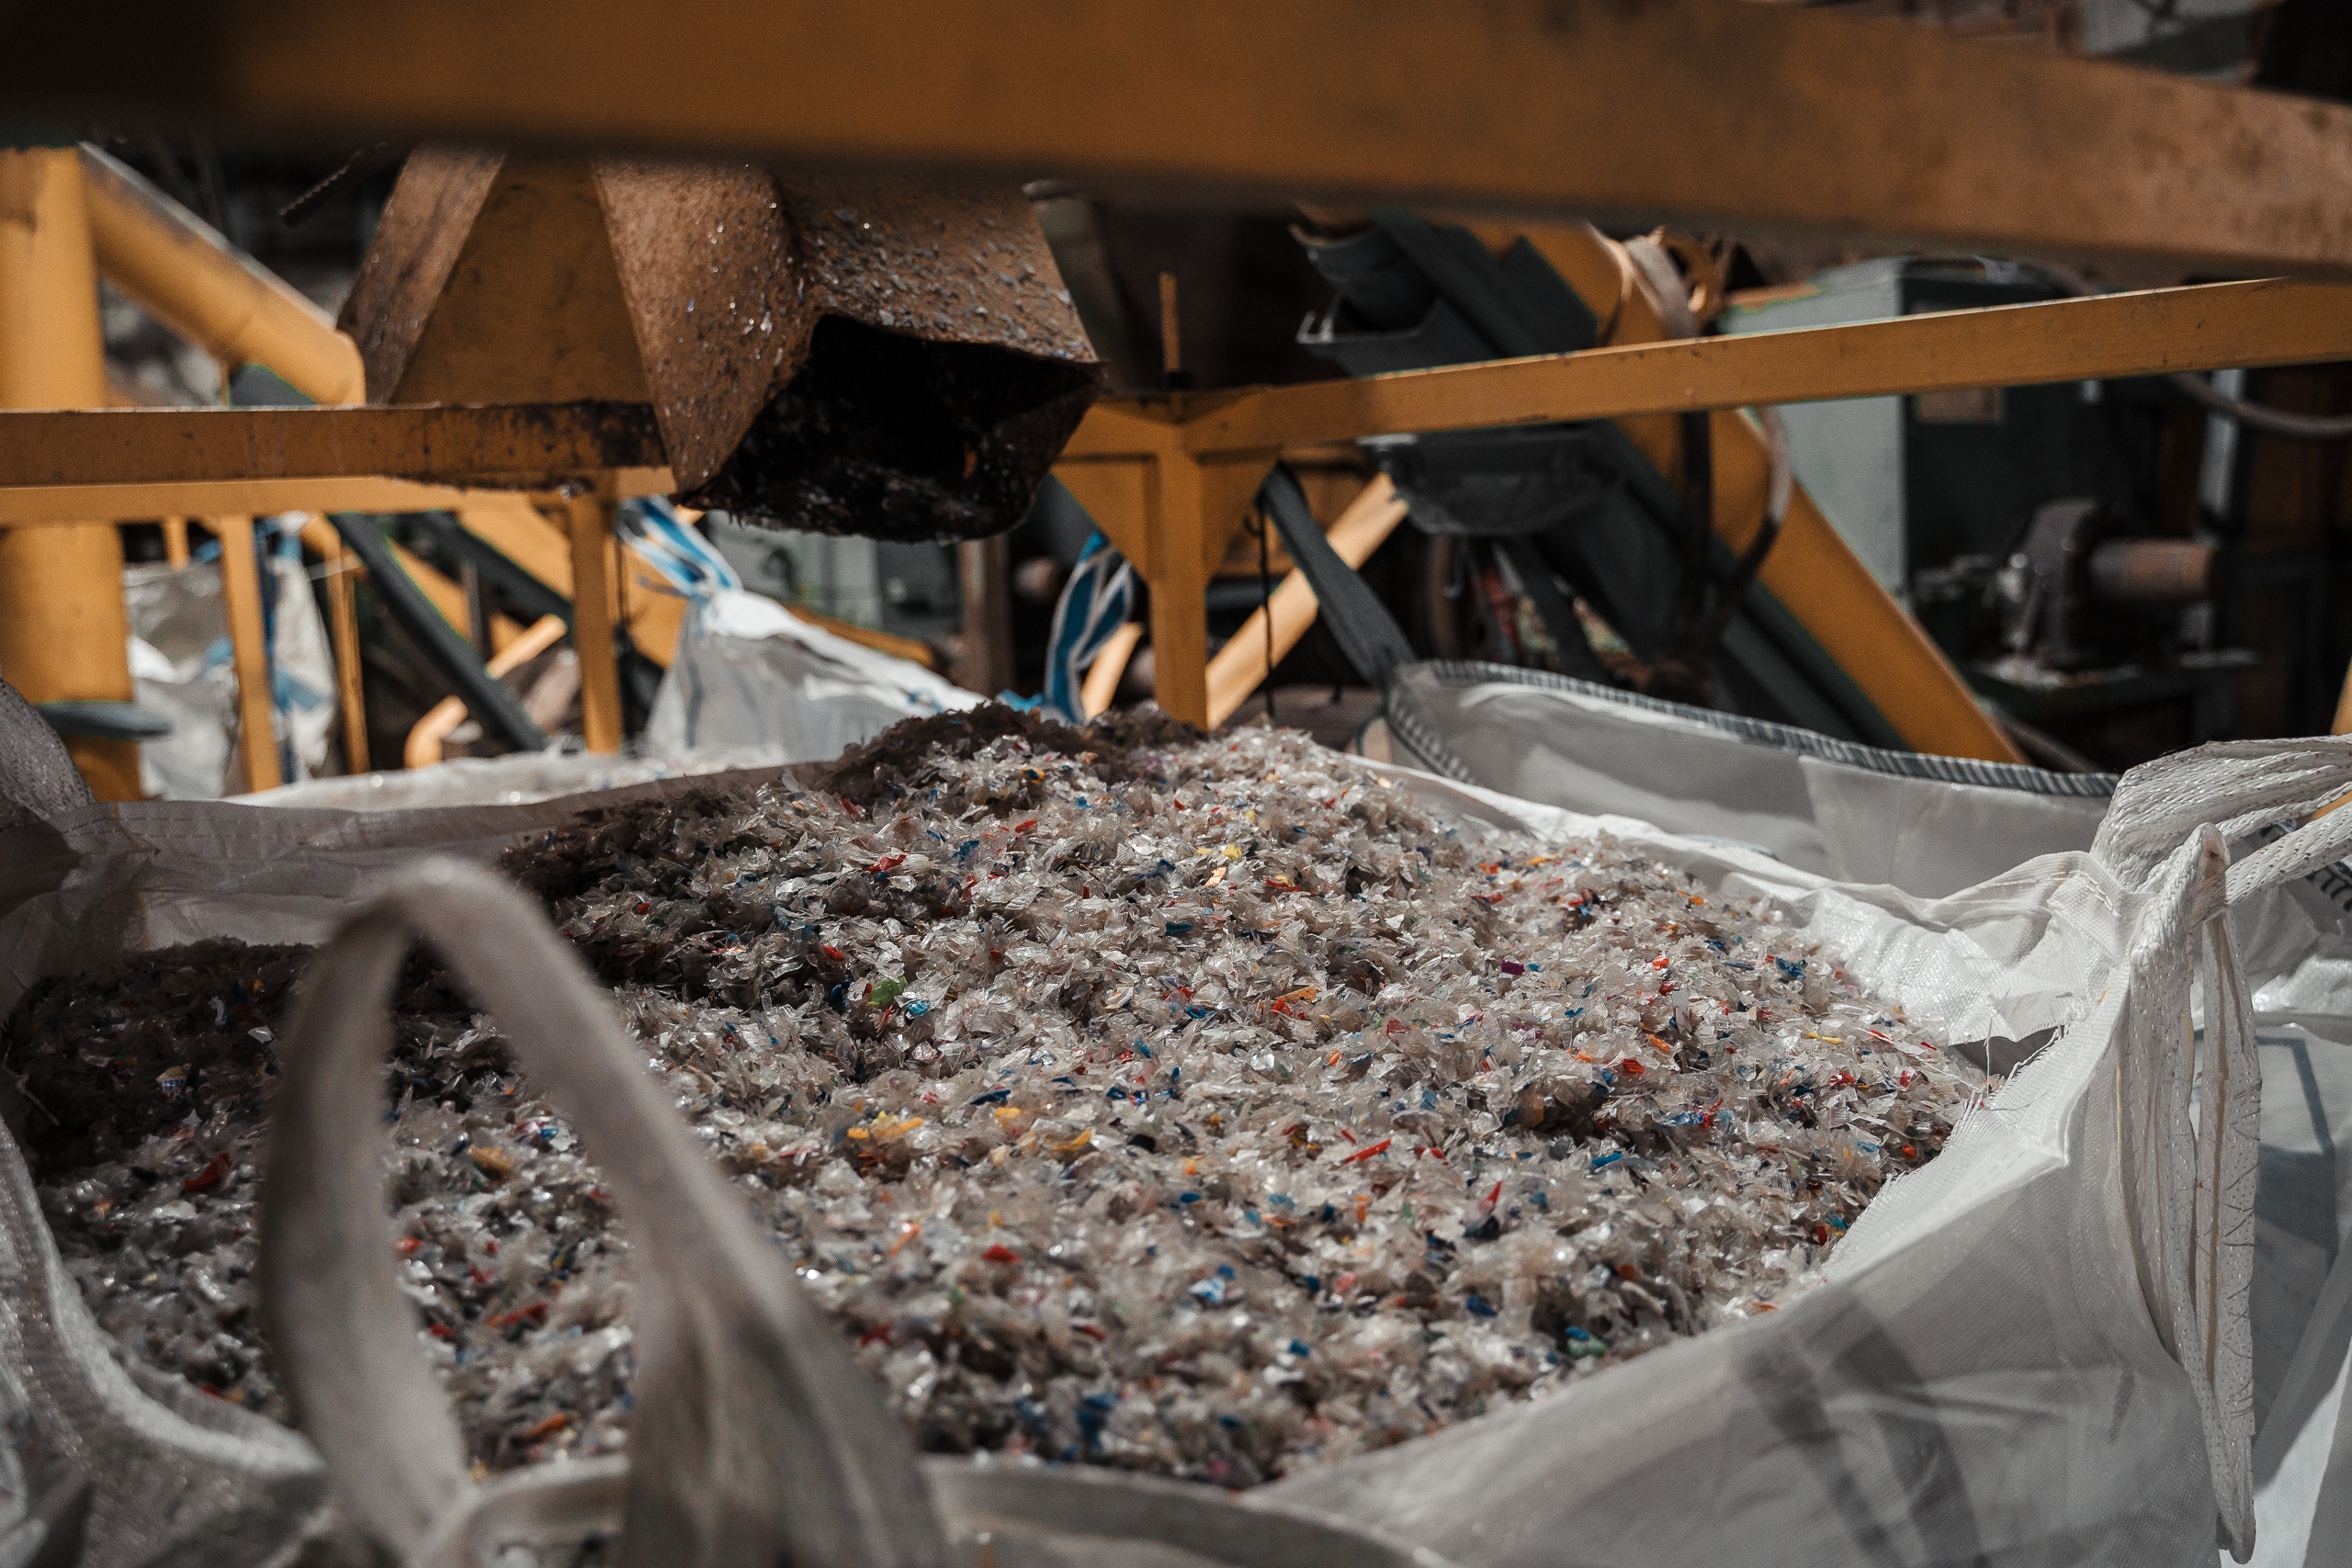 Жизнь пустой бутылки: тверские специалисты рассказали, во что превращается выброшенный пластик